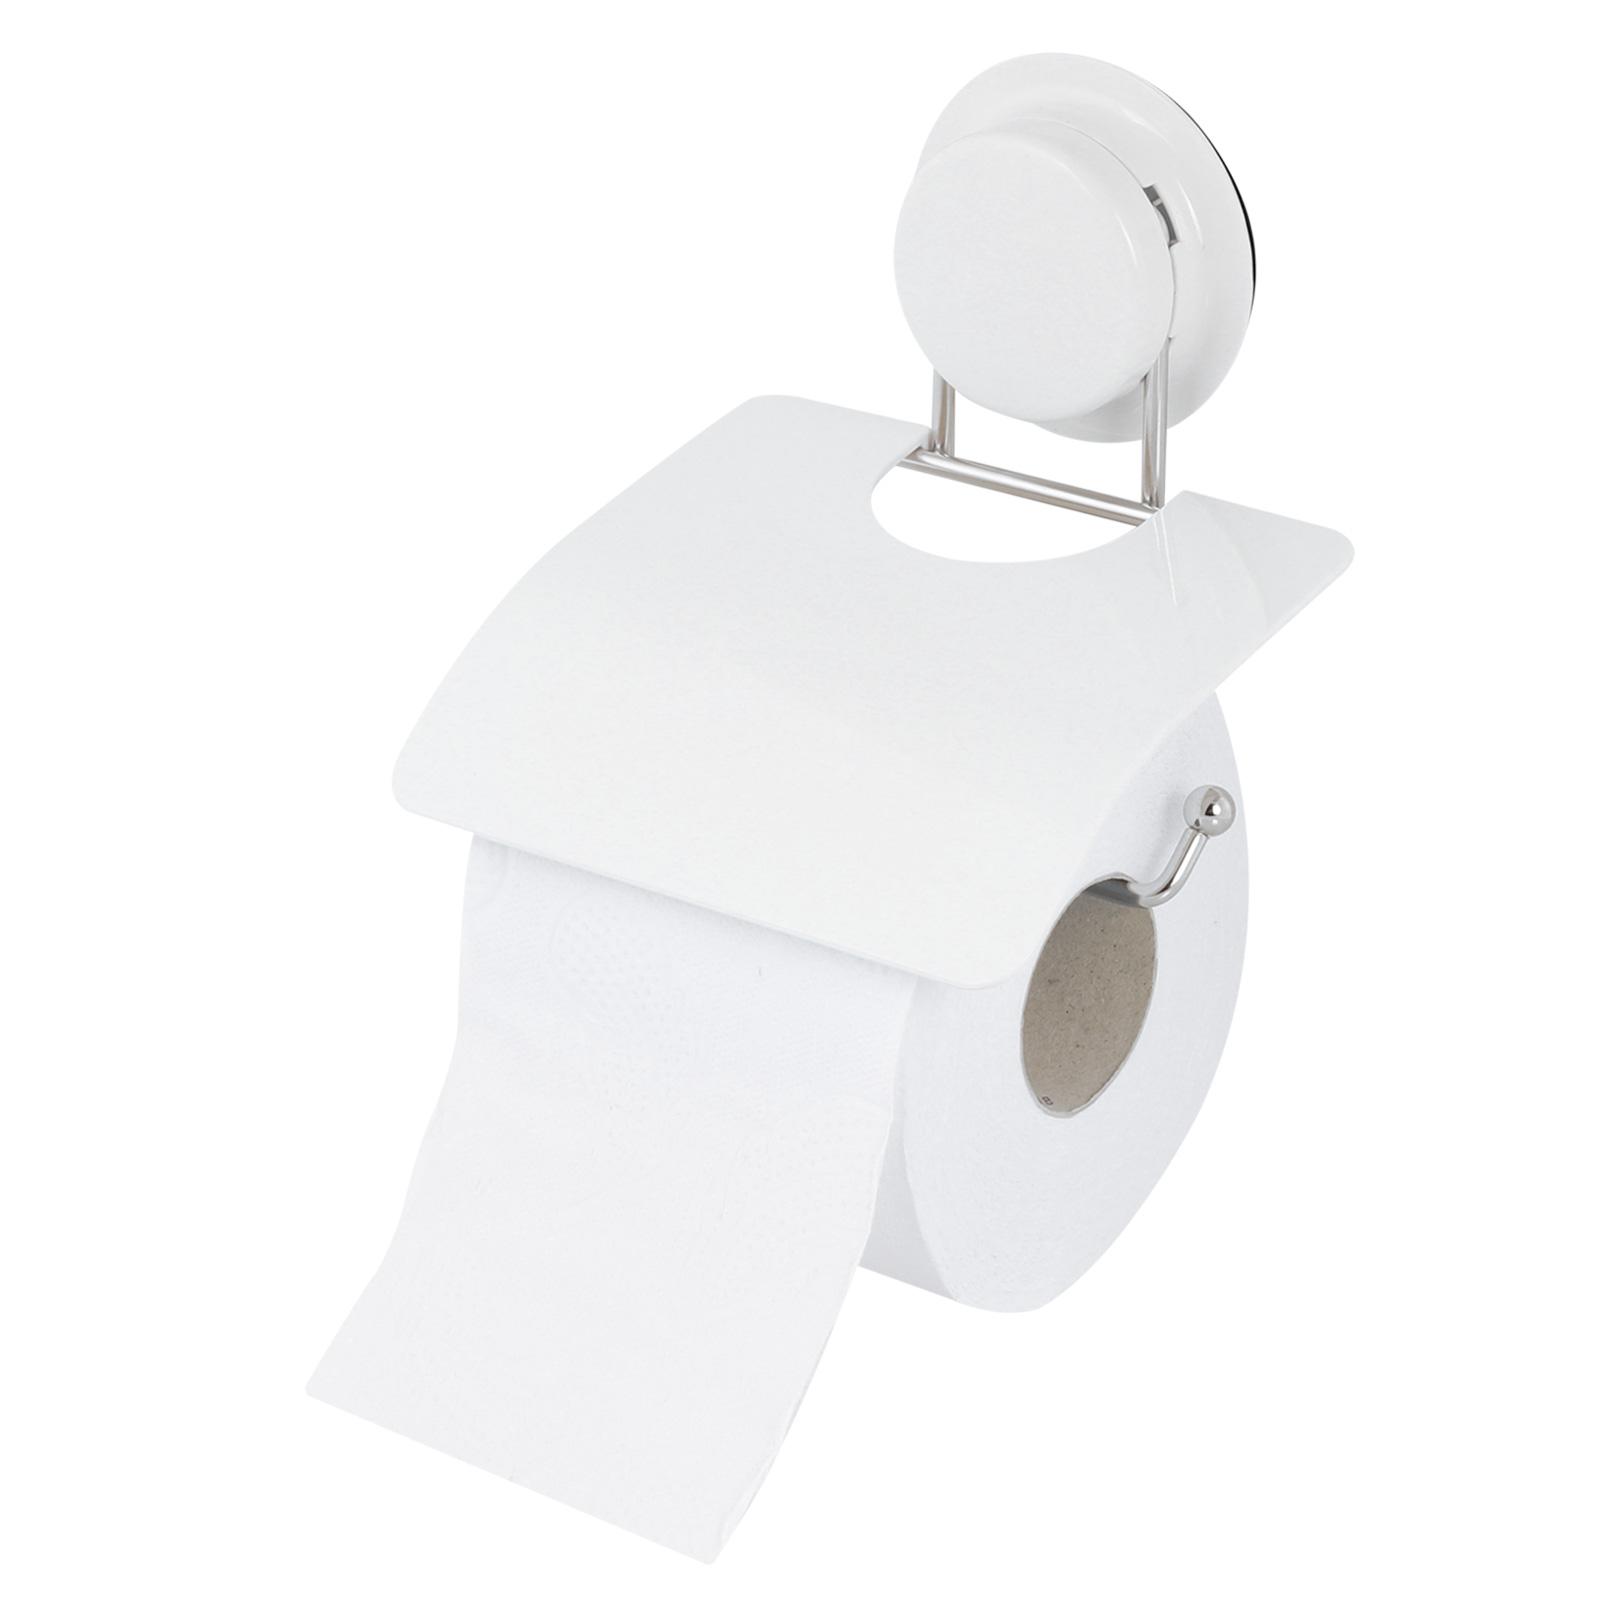 alpina  Toilettenpapierhalter ohne bohren Edelstahl 5Kg belastbar weiß